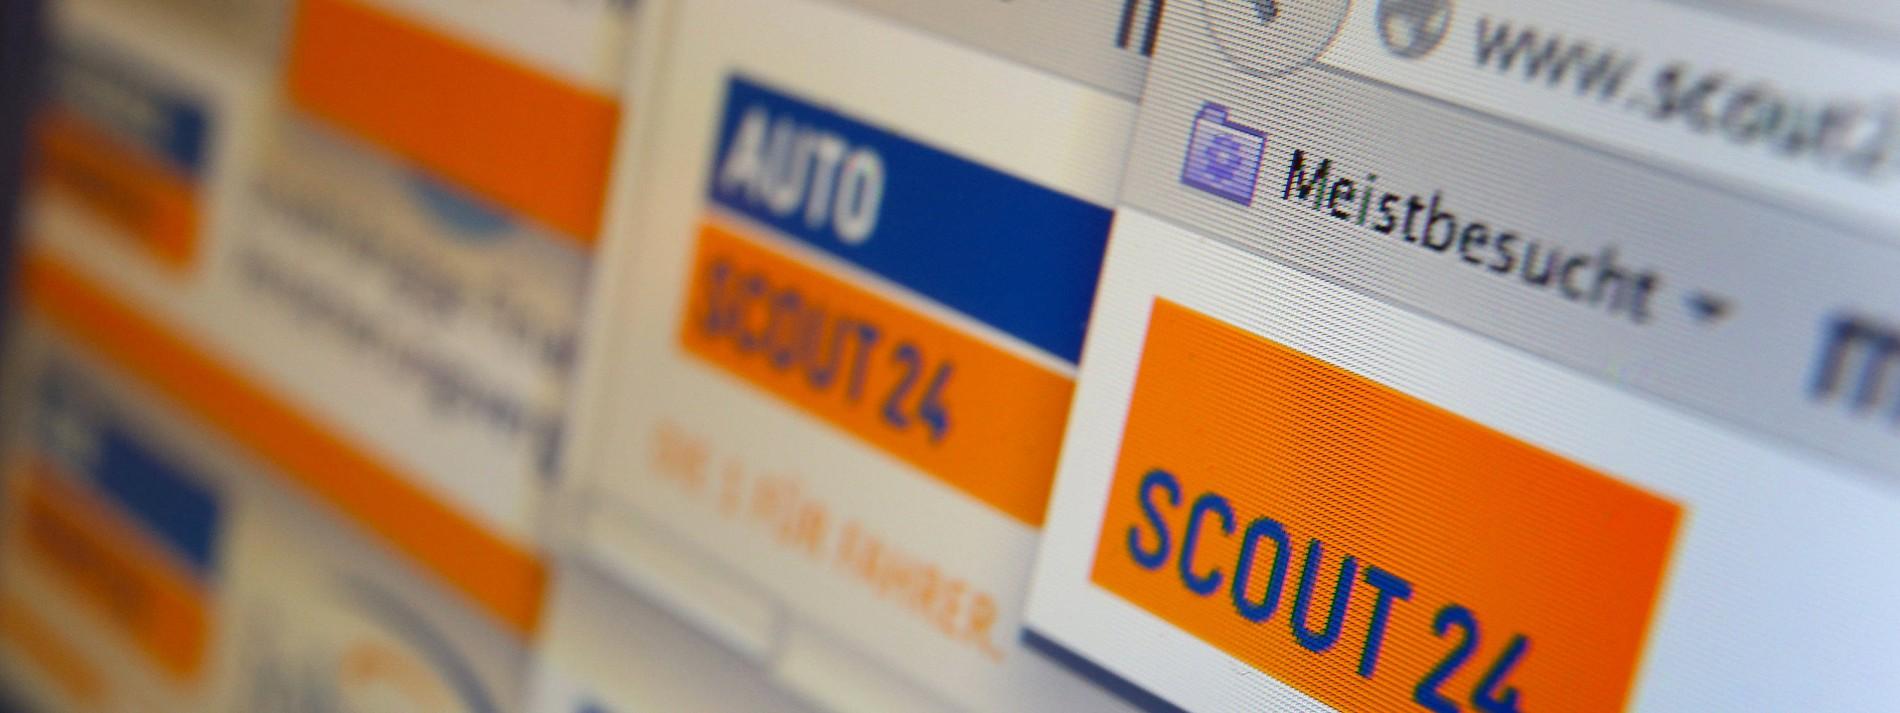 Scout24-Großaktionär fordert Verkauf von AutoScout24